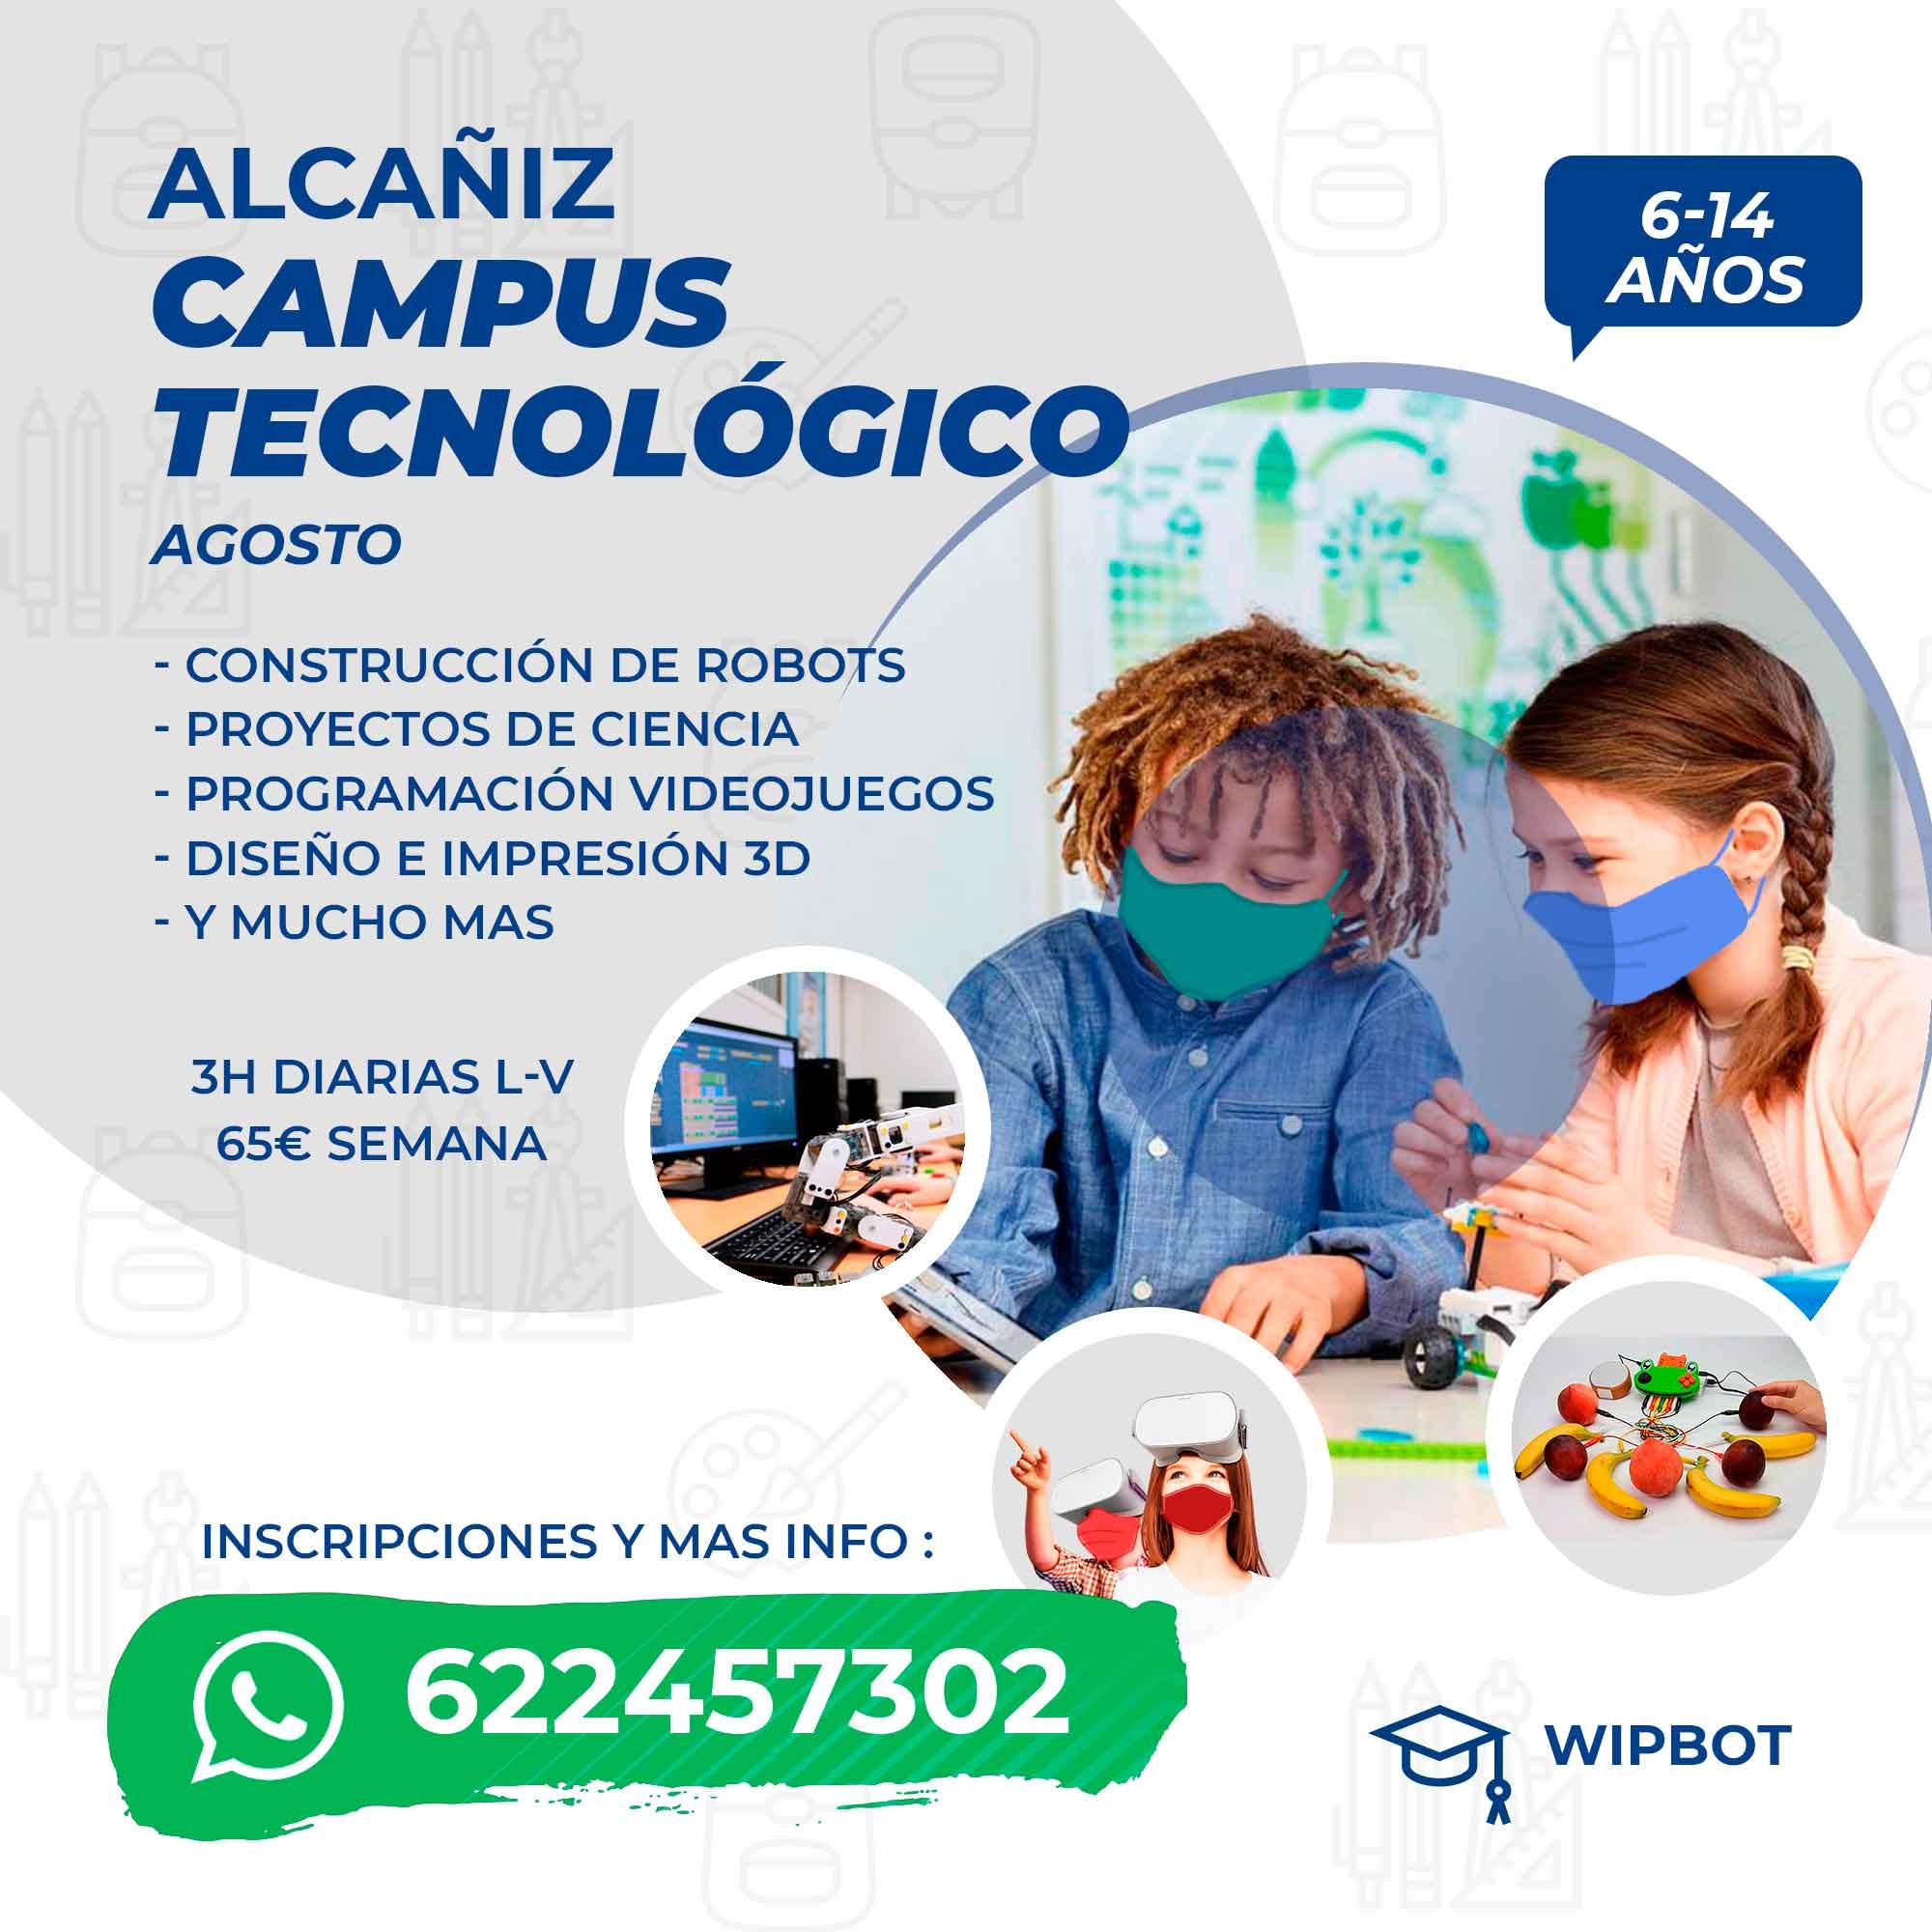 Cartel del campus tecnológico de Alcañiz.